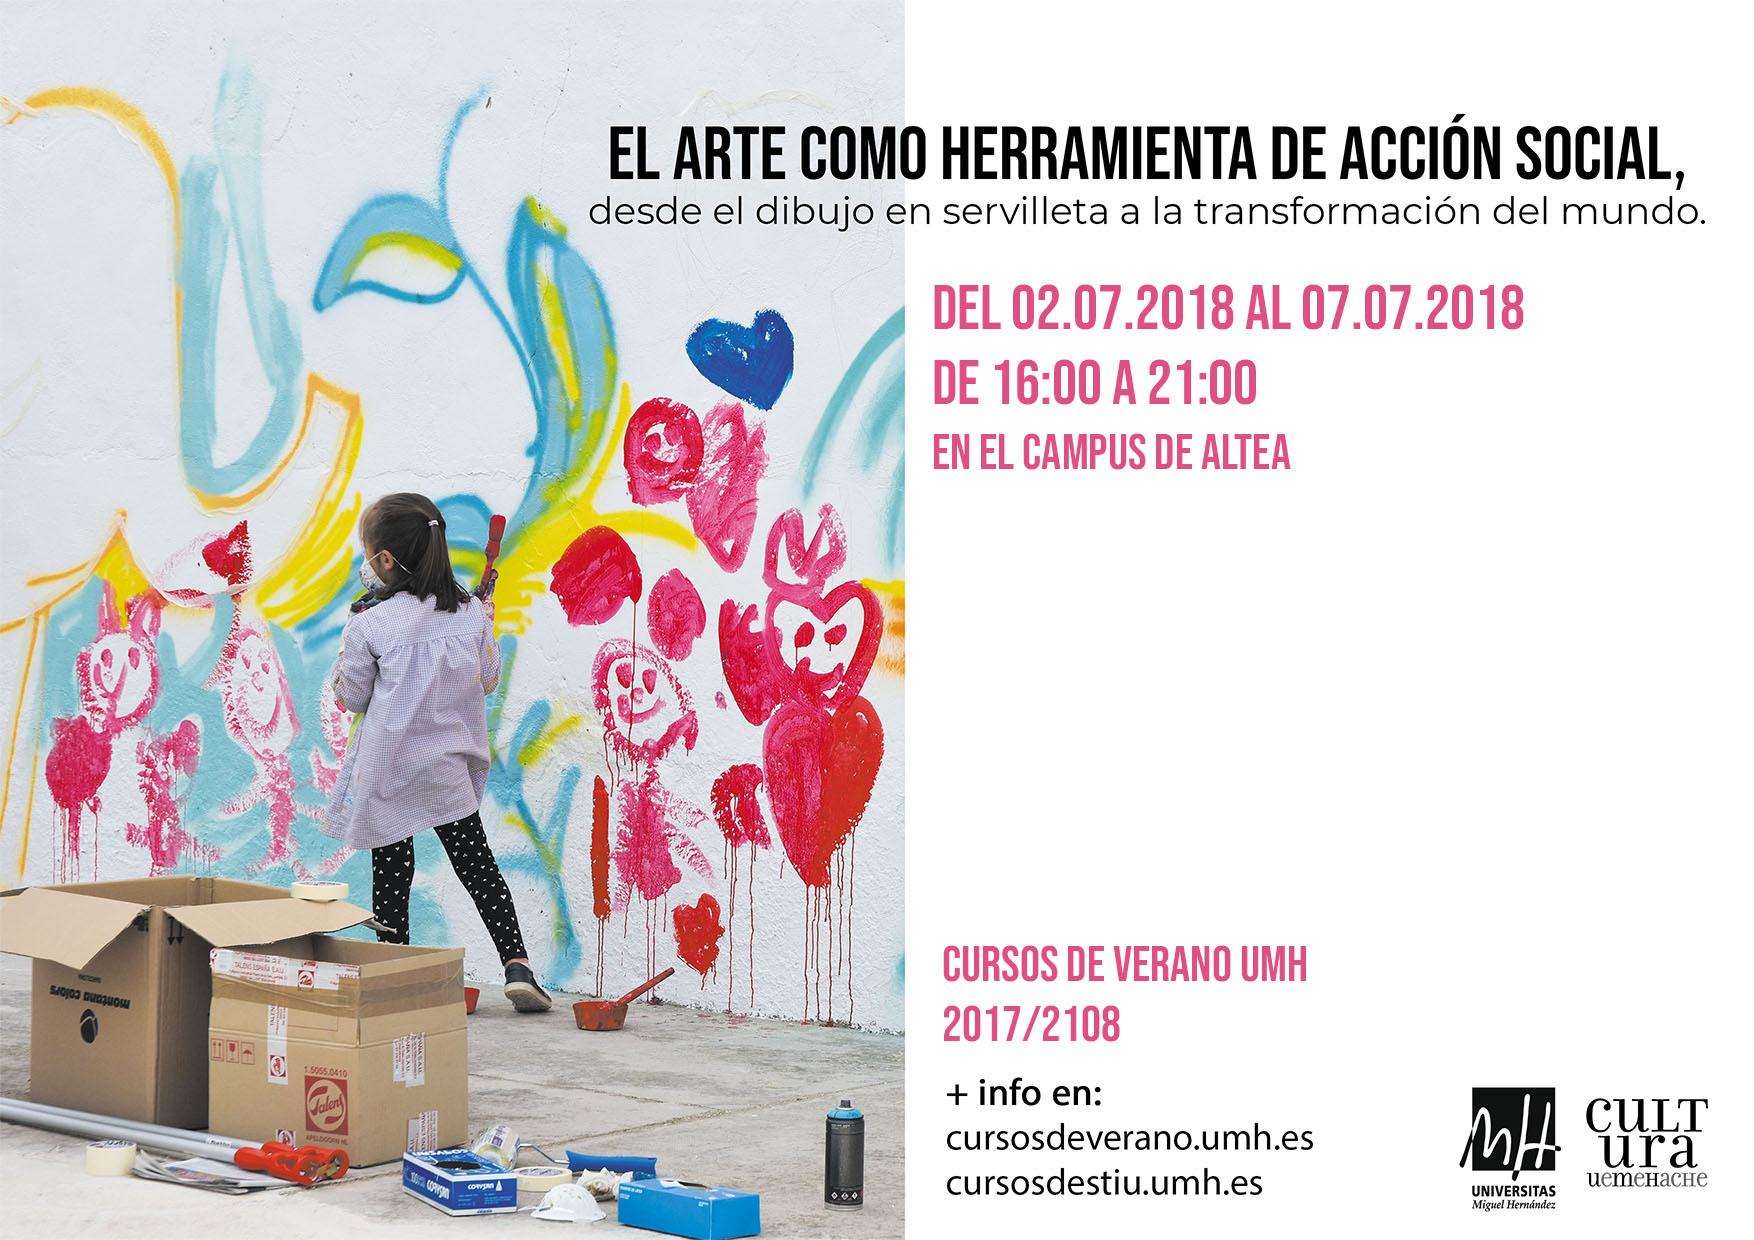 El arte como herramienta de acción social